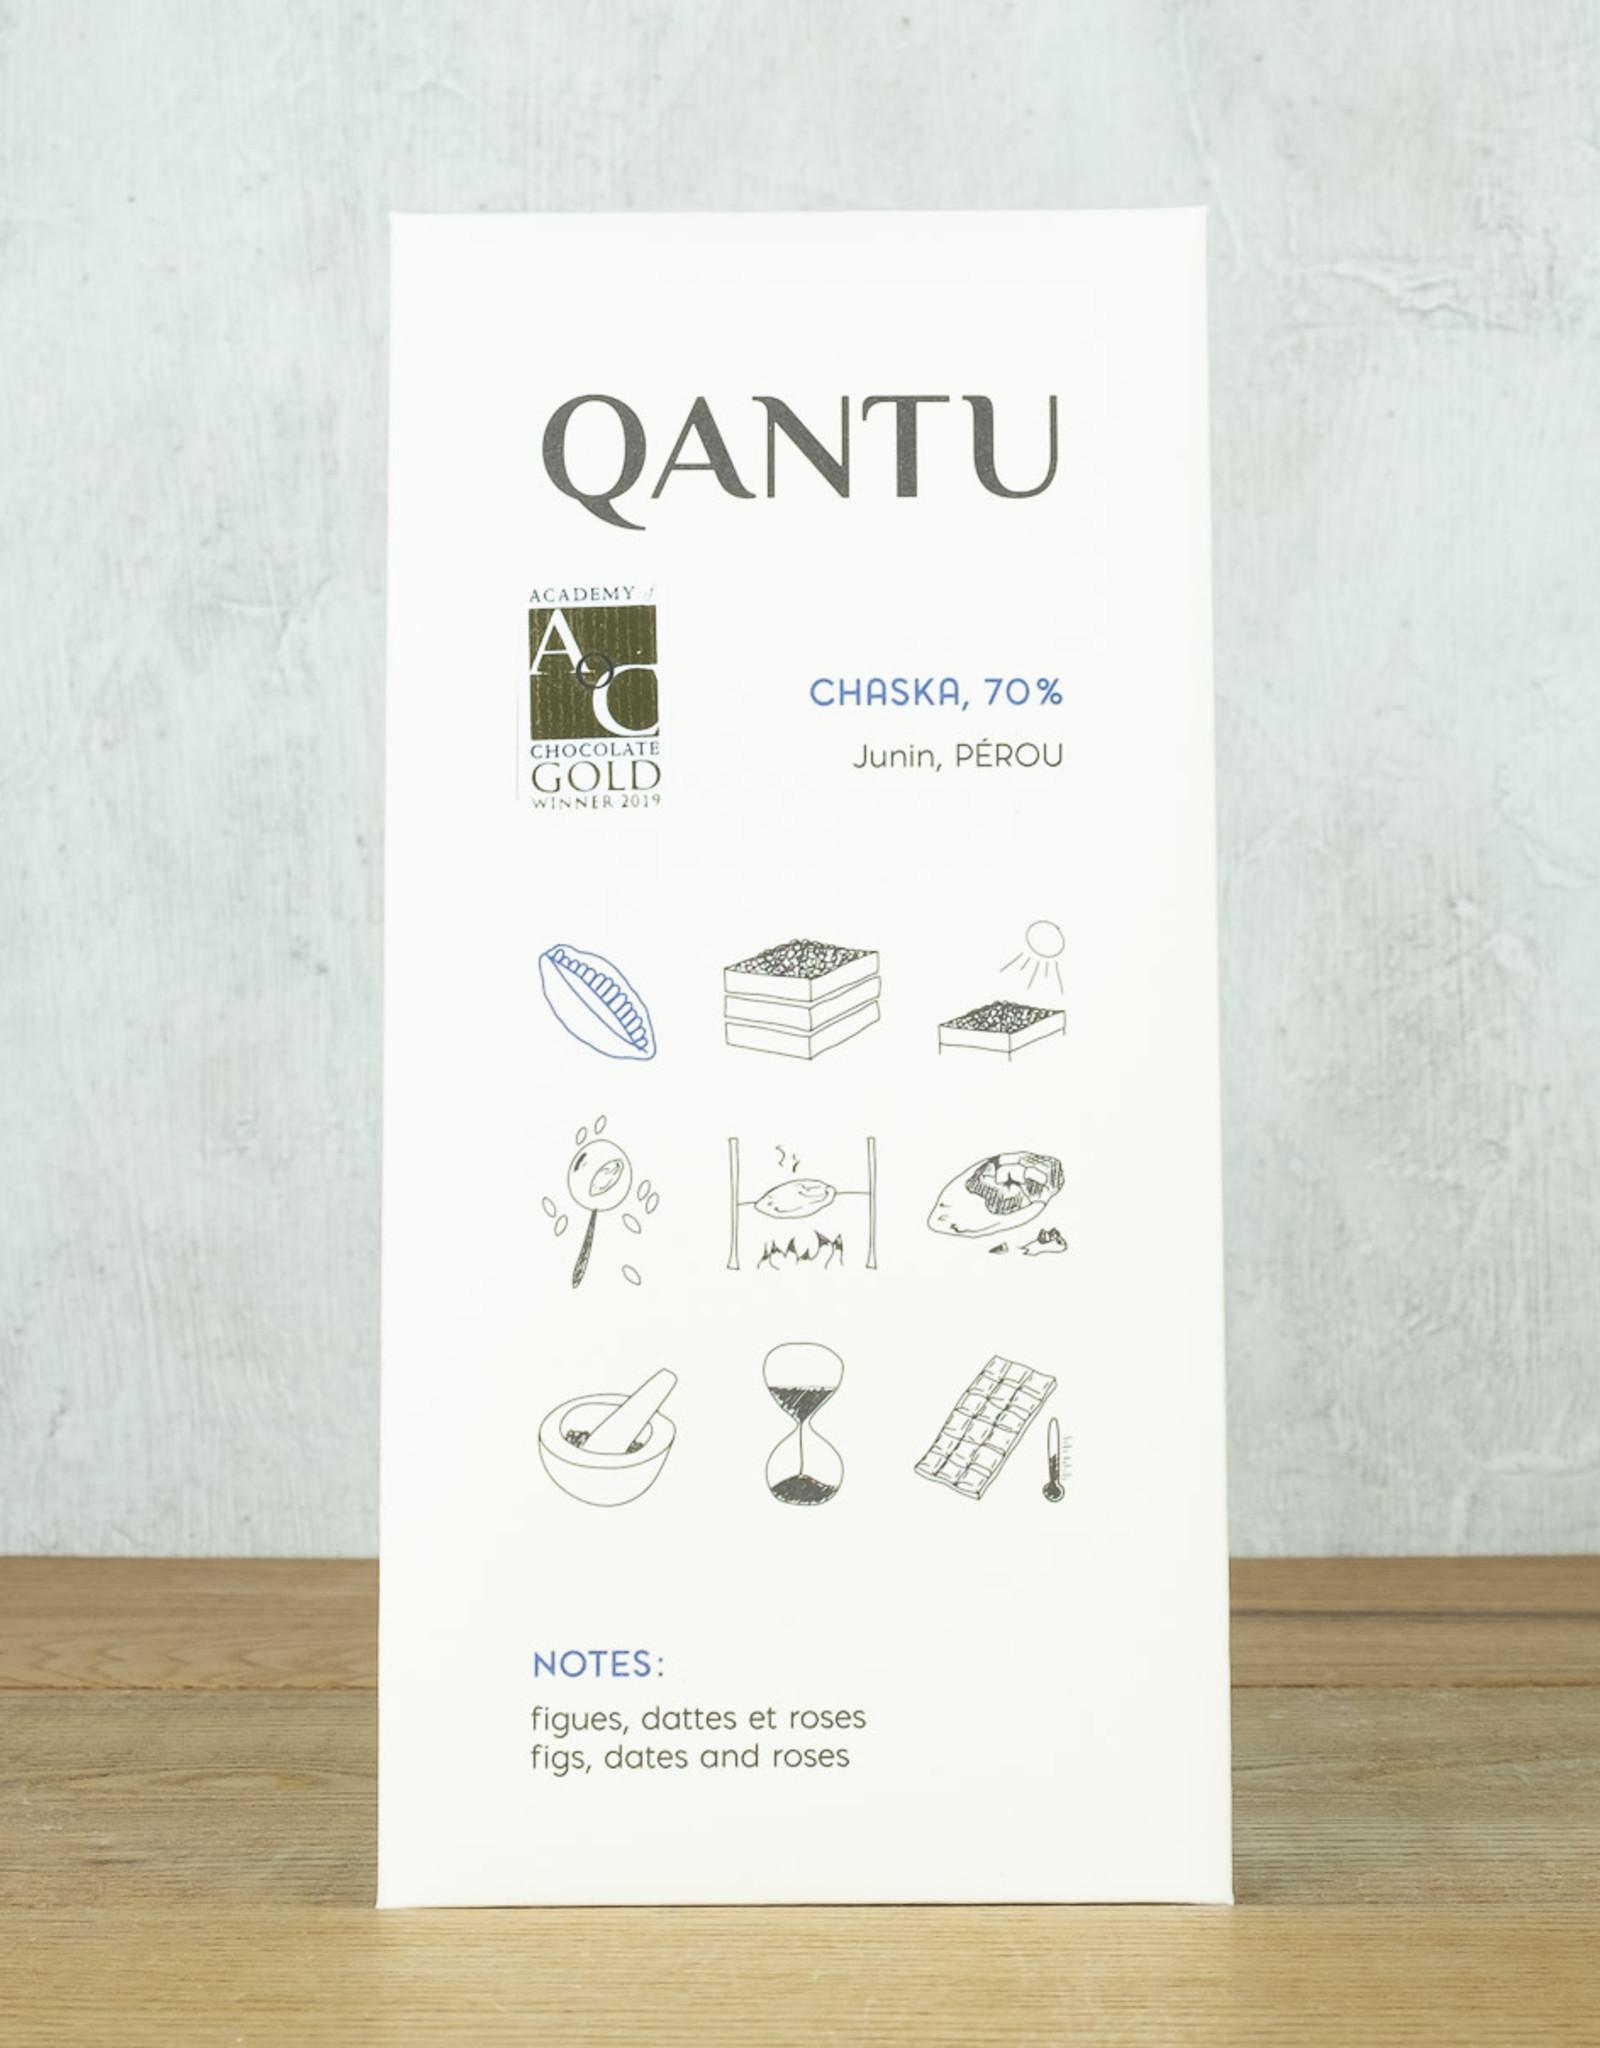 Qantu Chaska 70%